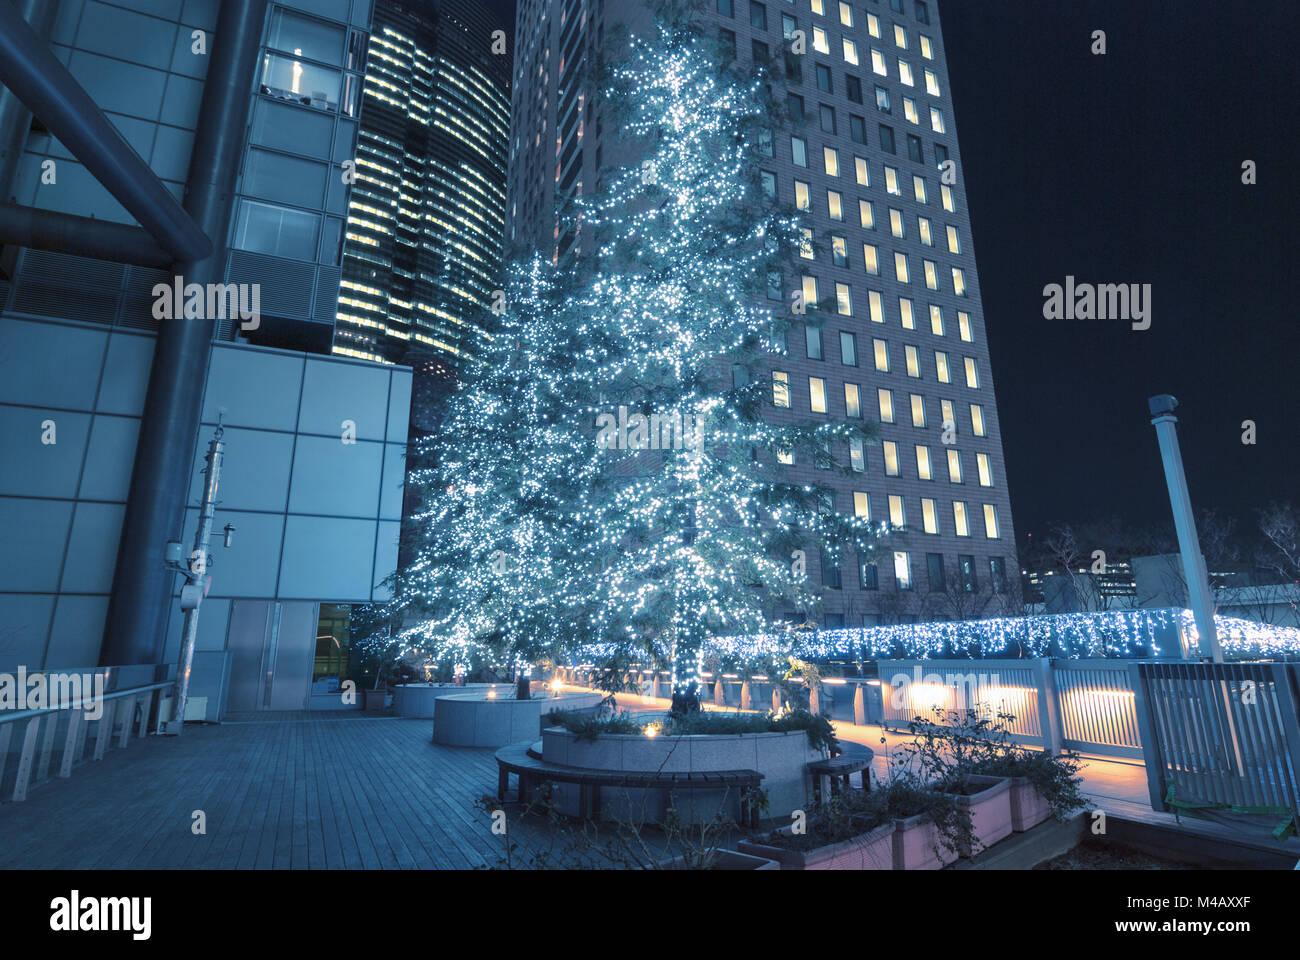 holiday illumination - Stock Image